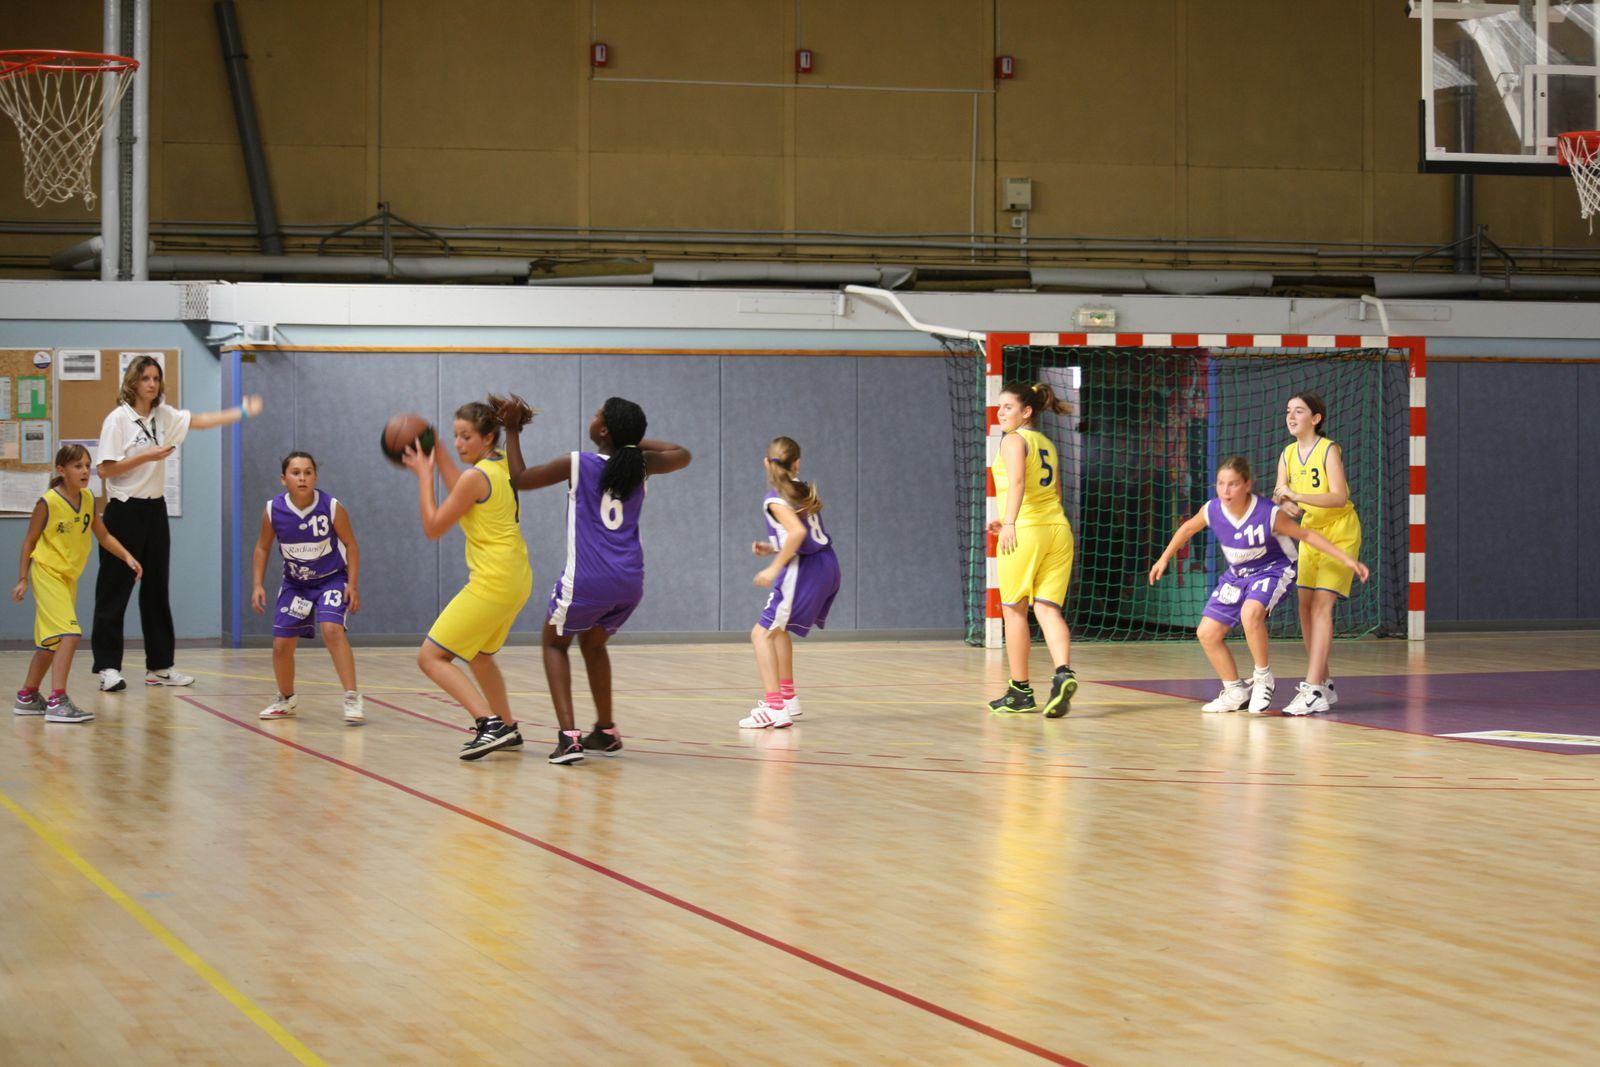 Les 9 joueuses : Marine, Amélie, Inès, Margaux, Charlotte, Agathe, Emilie, Léa et Tamara.